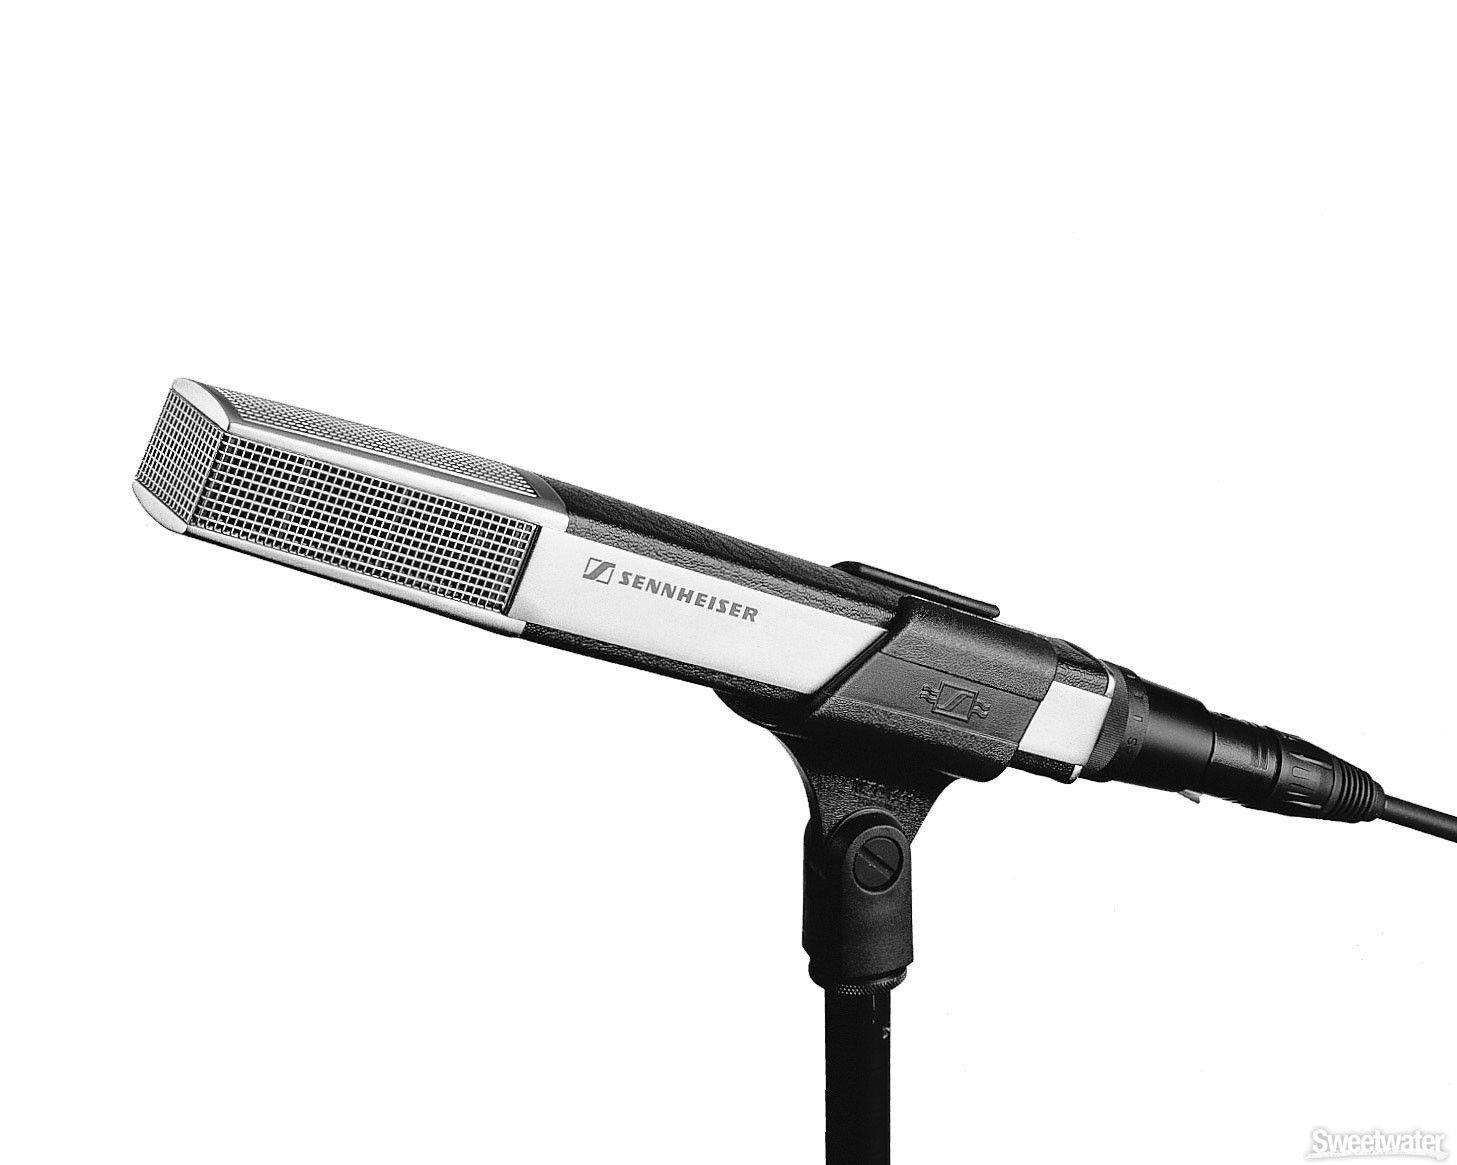 Sennheiser Md 441u Supercardioid Dynamic Microphone Sennheiser Microphone Microphones